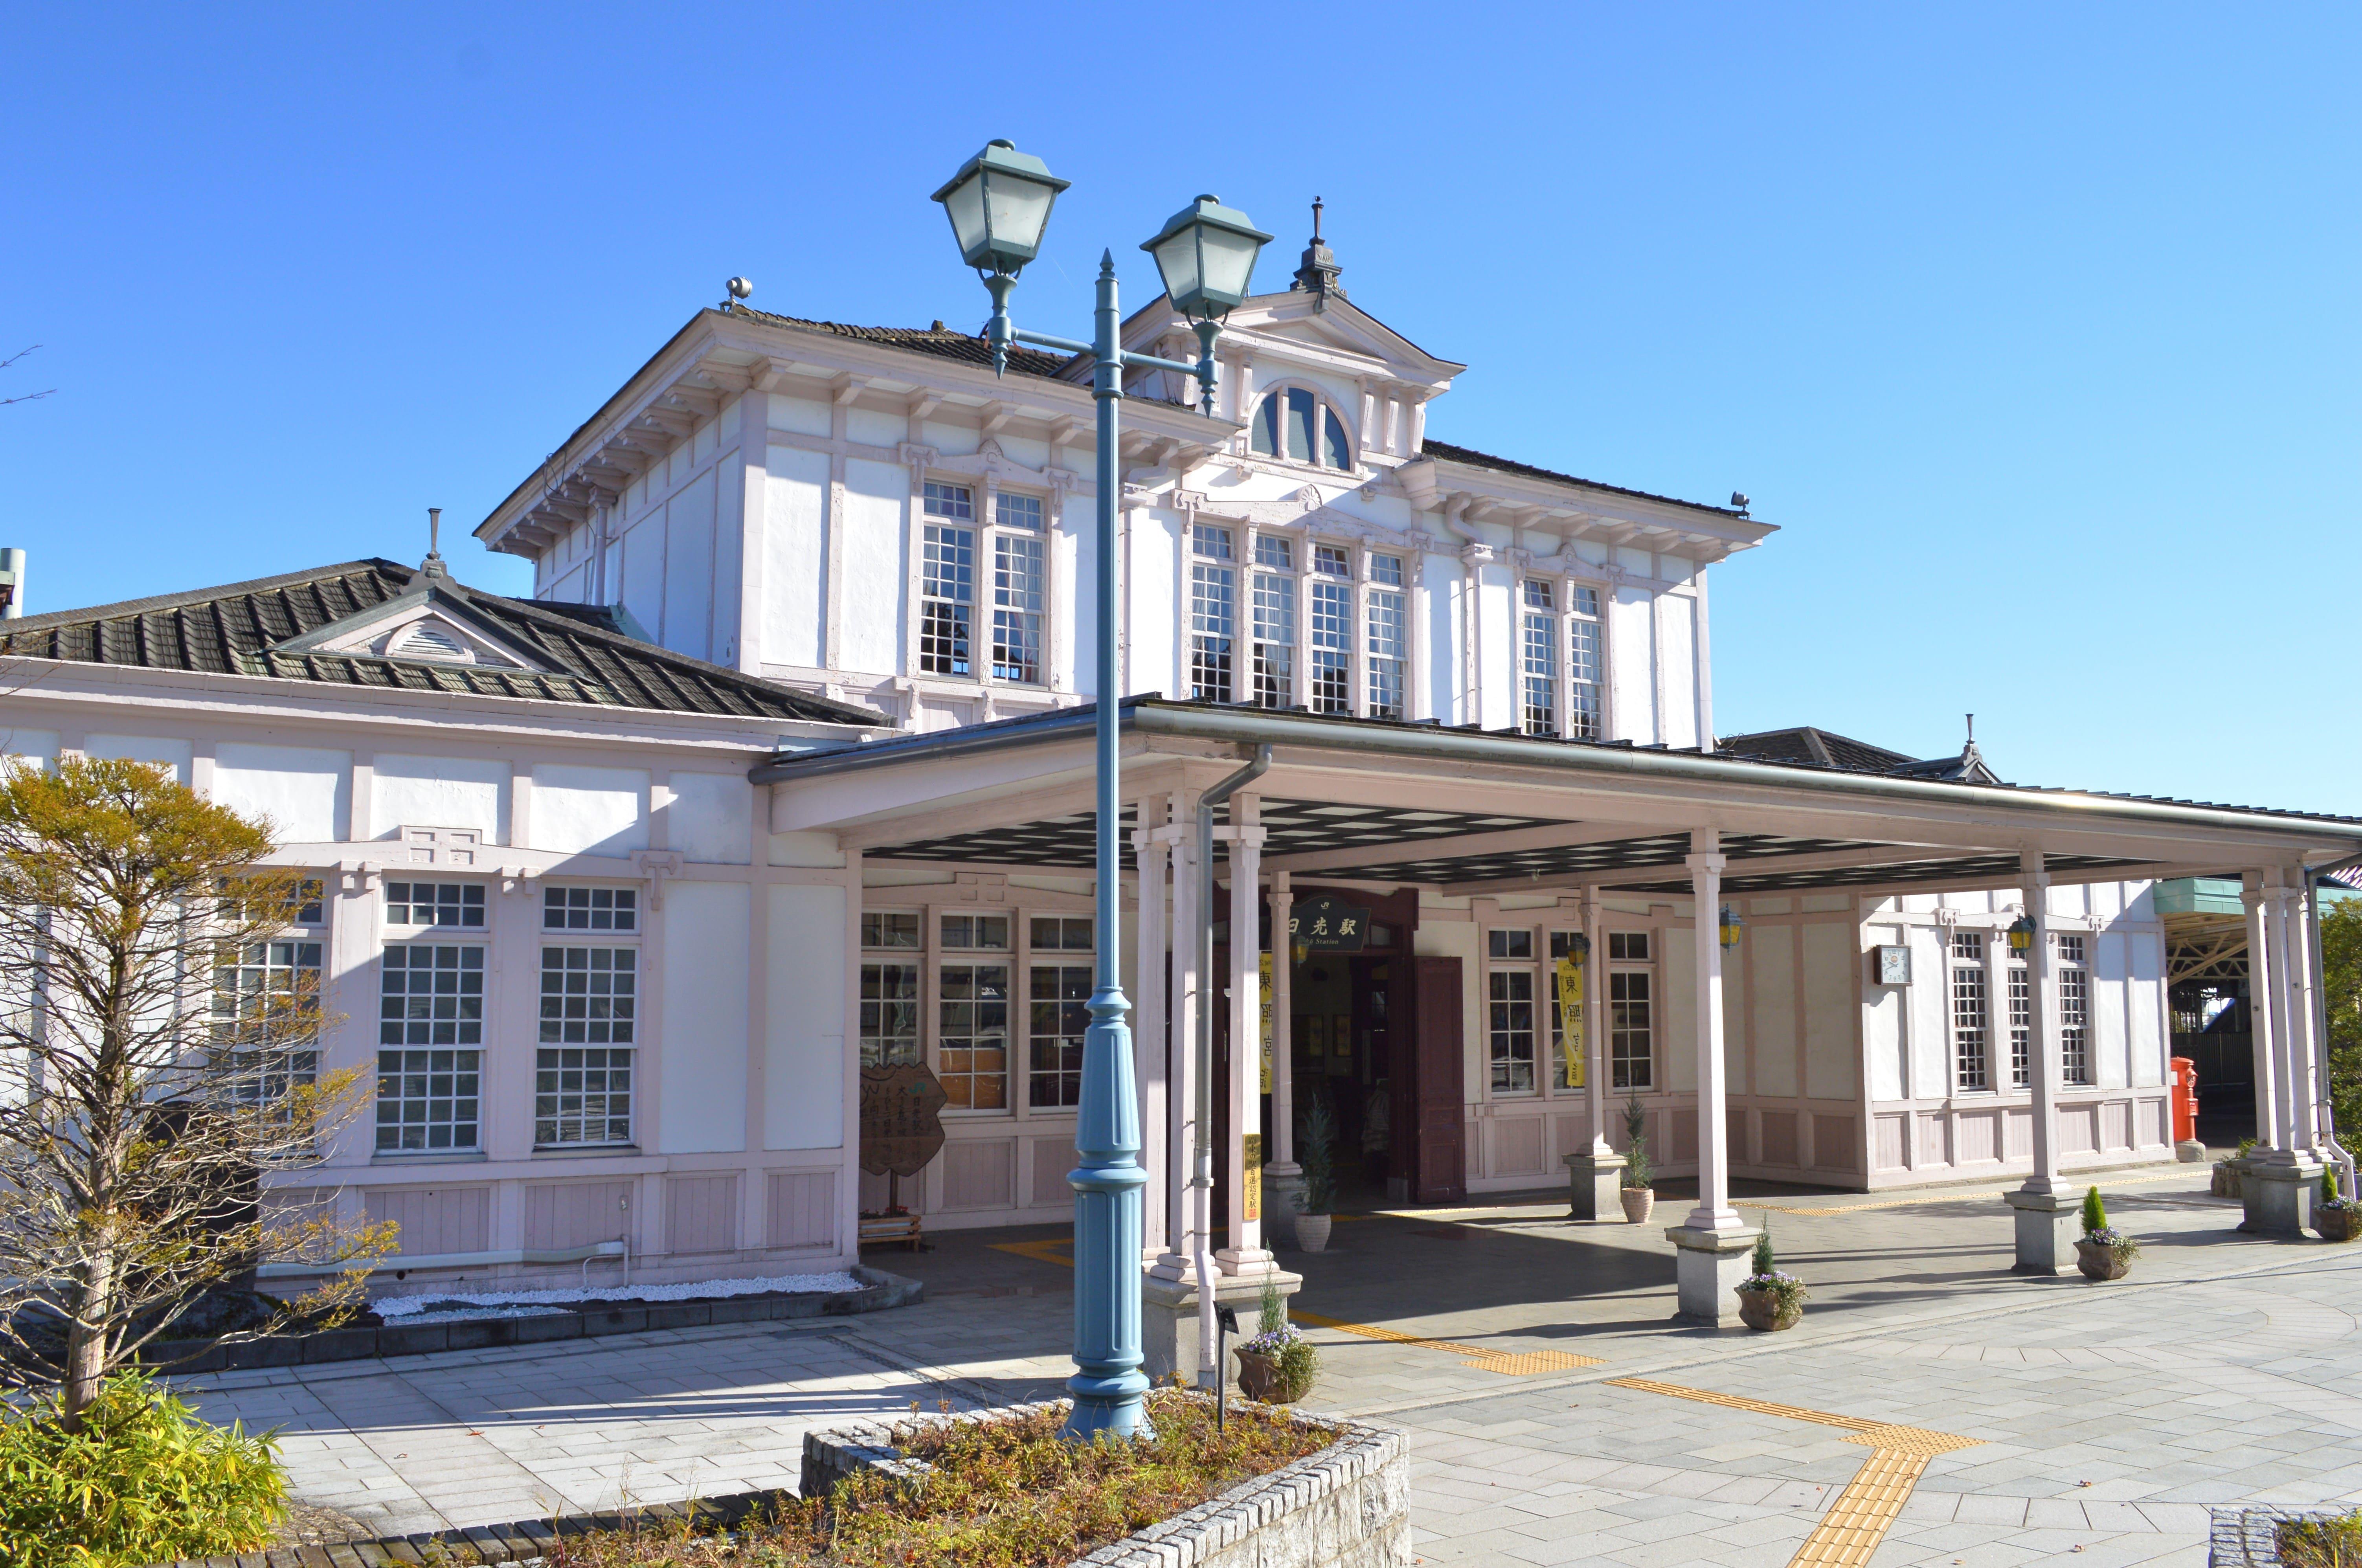 Estación de Nikko